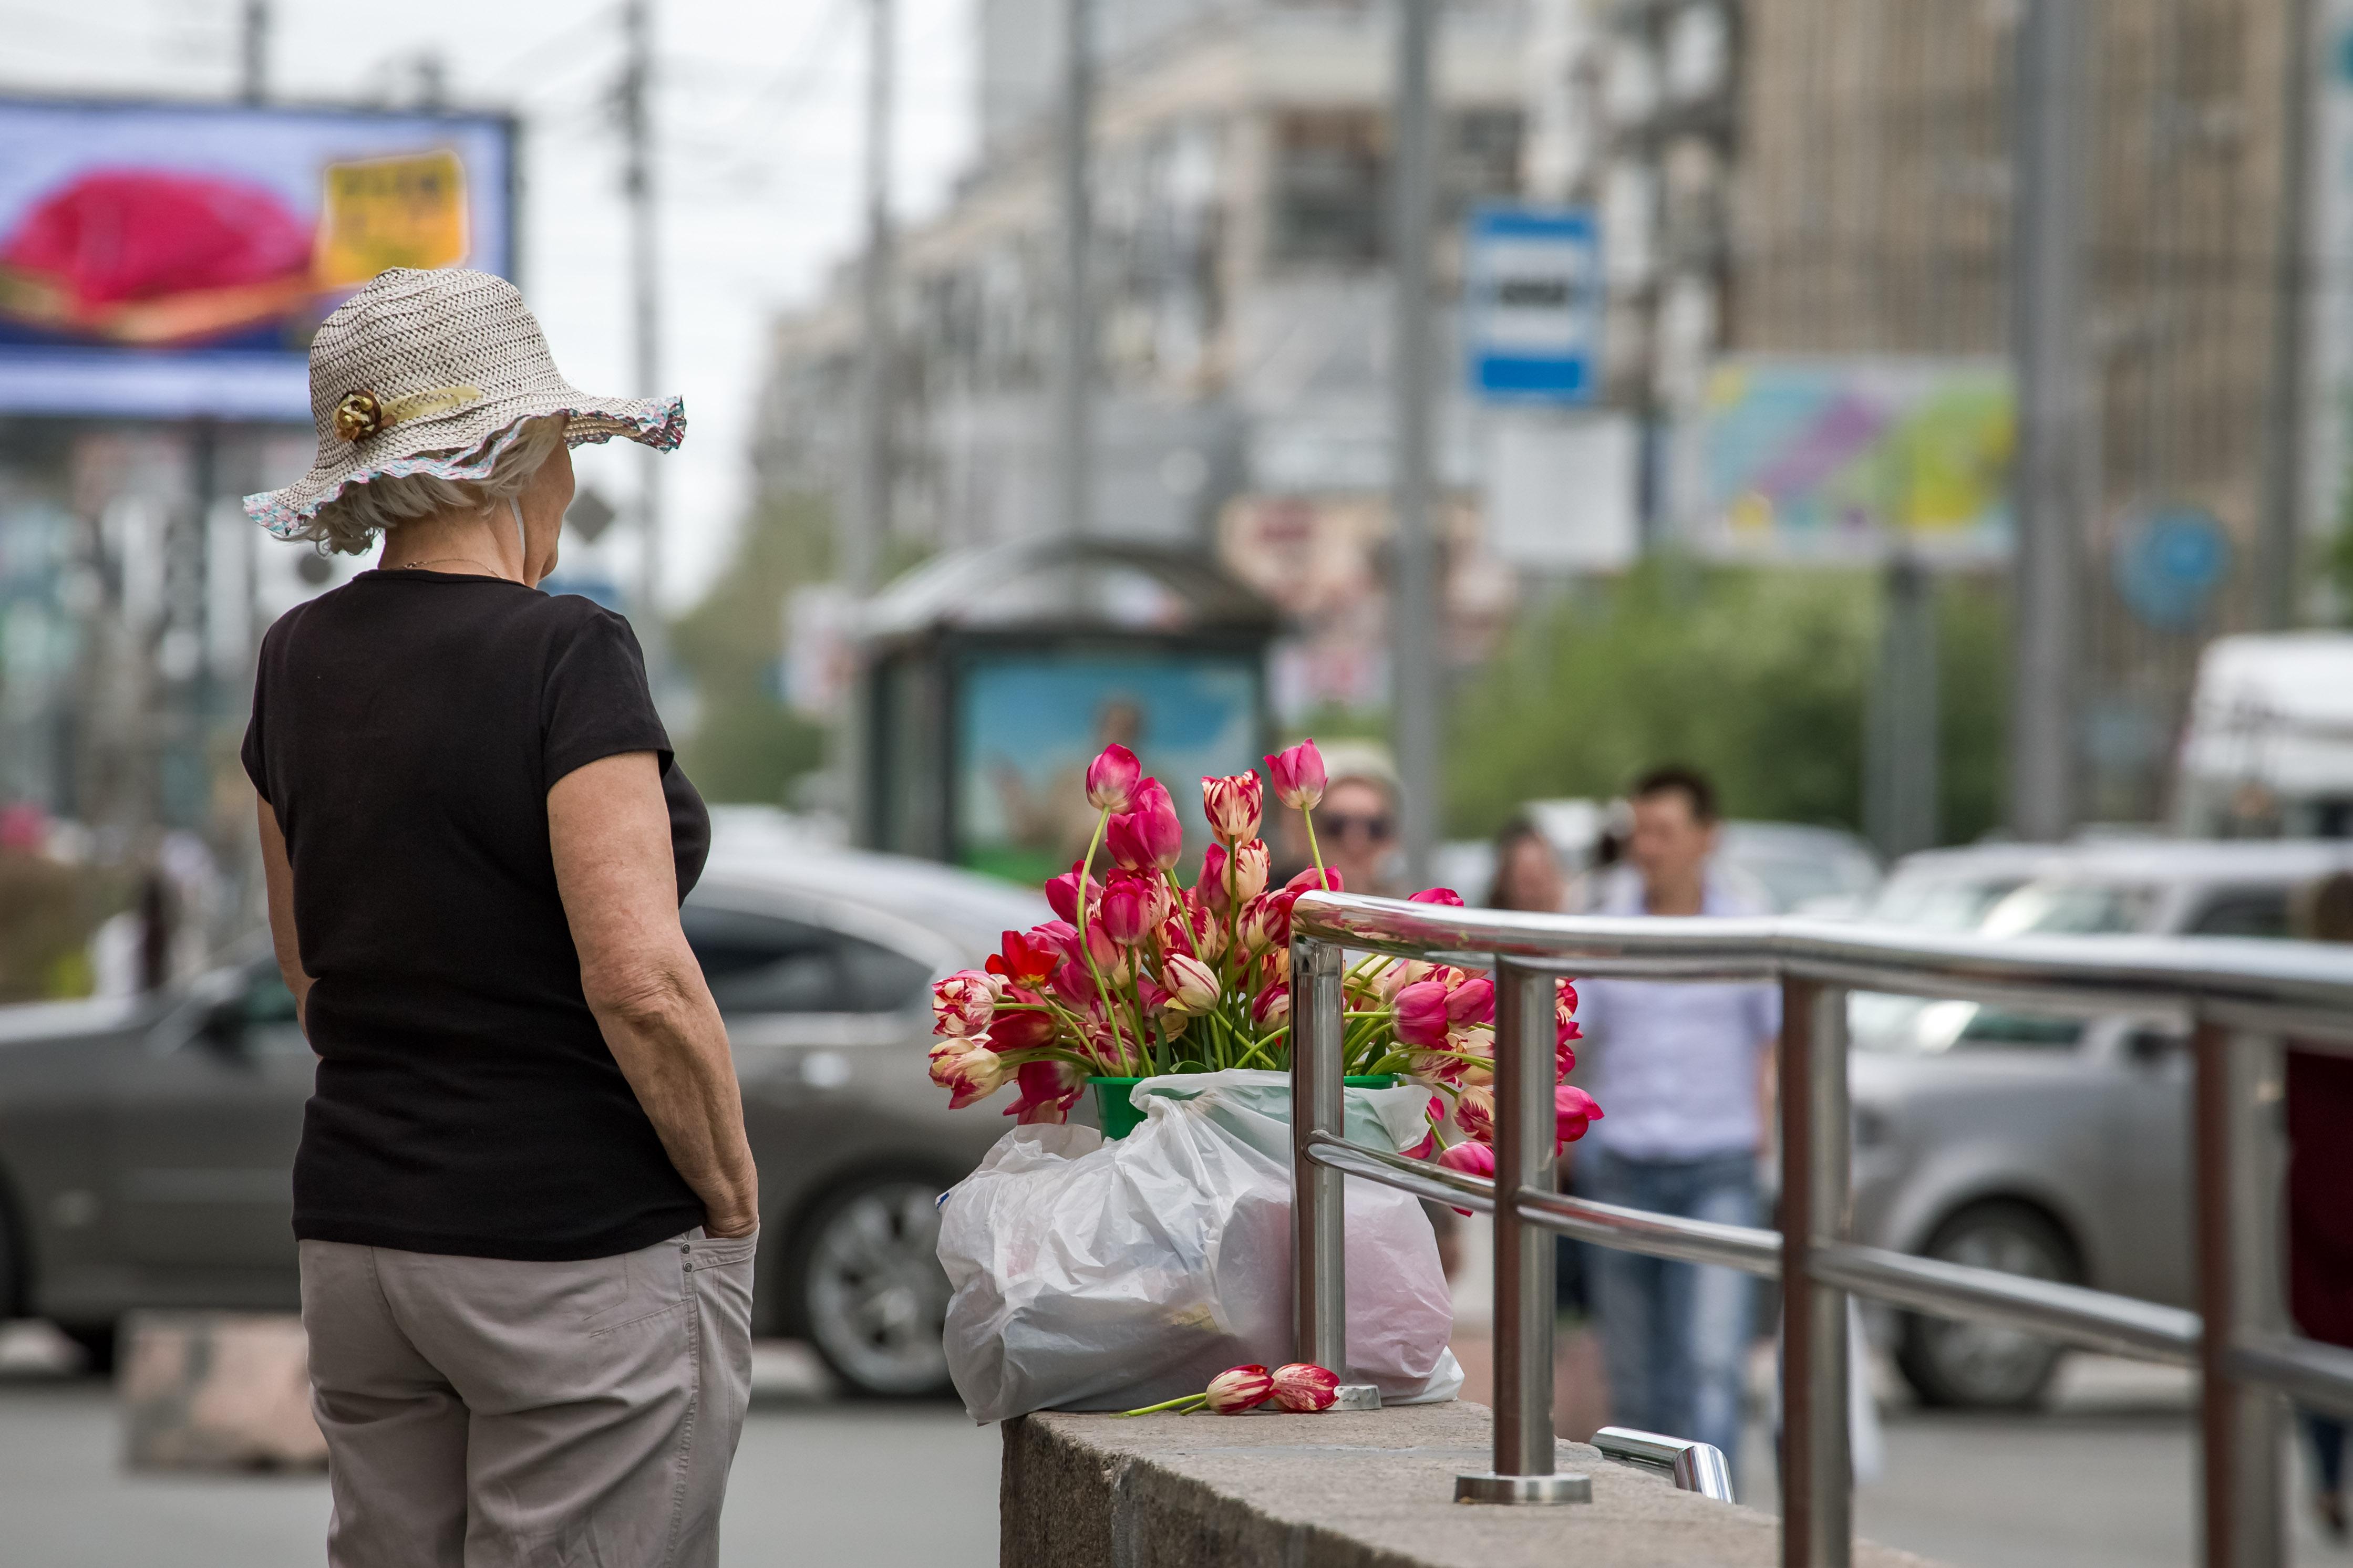 фото случайных людей в крупных городах вид